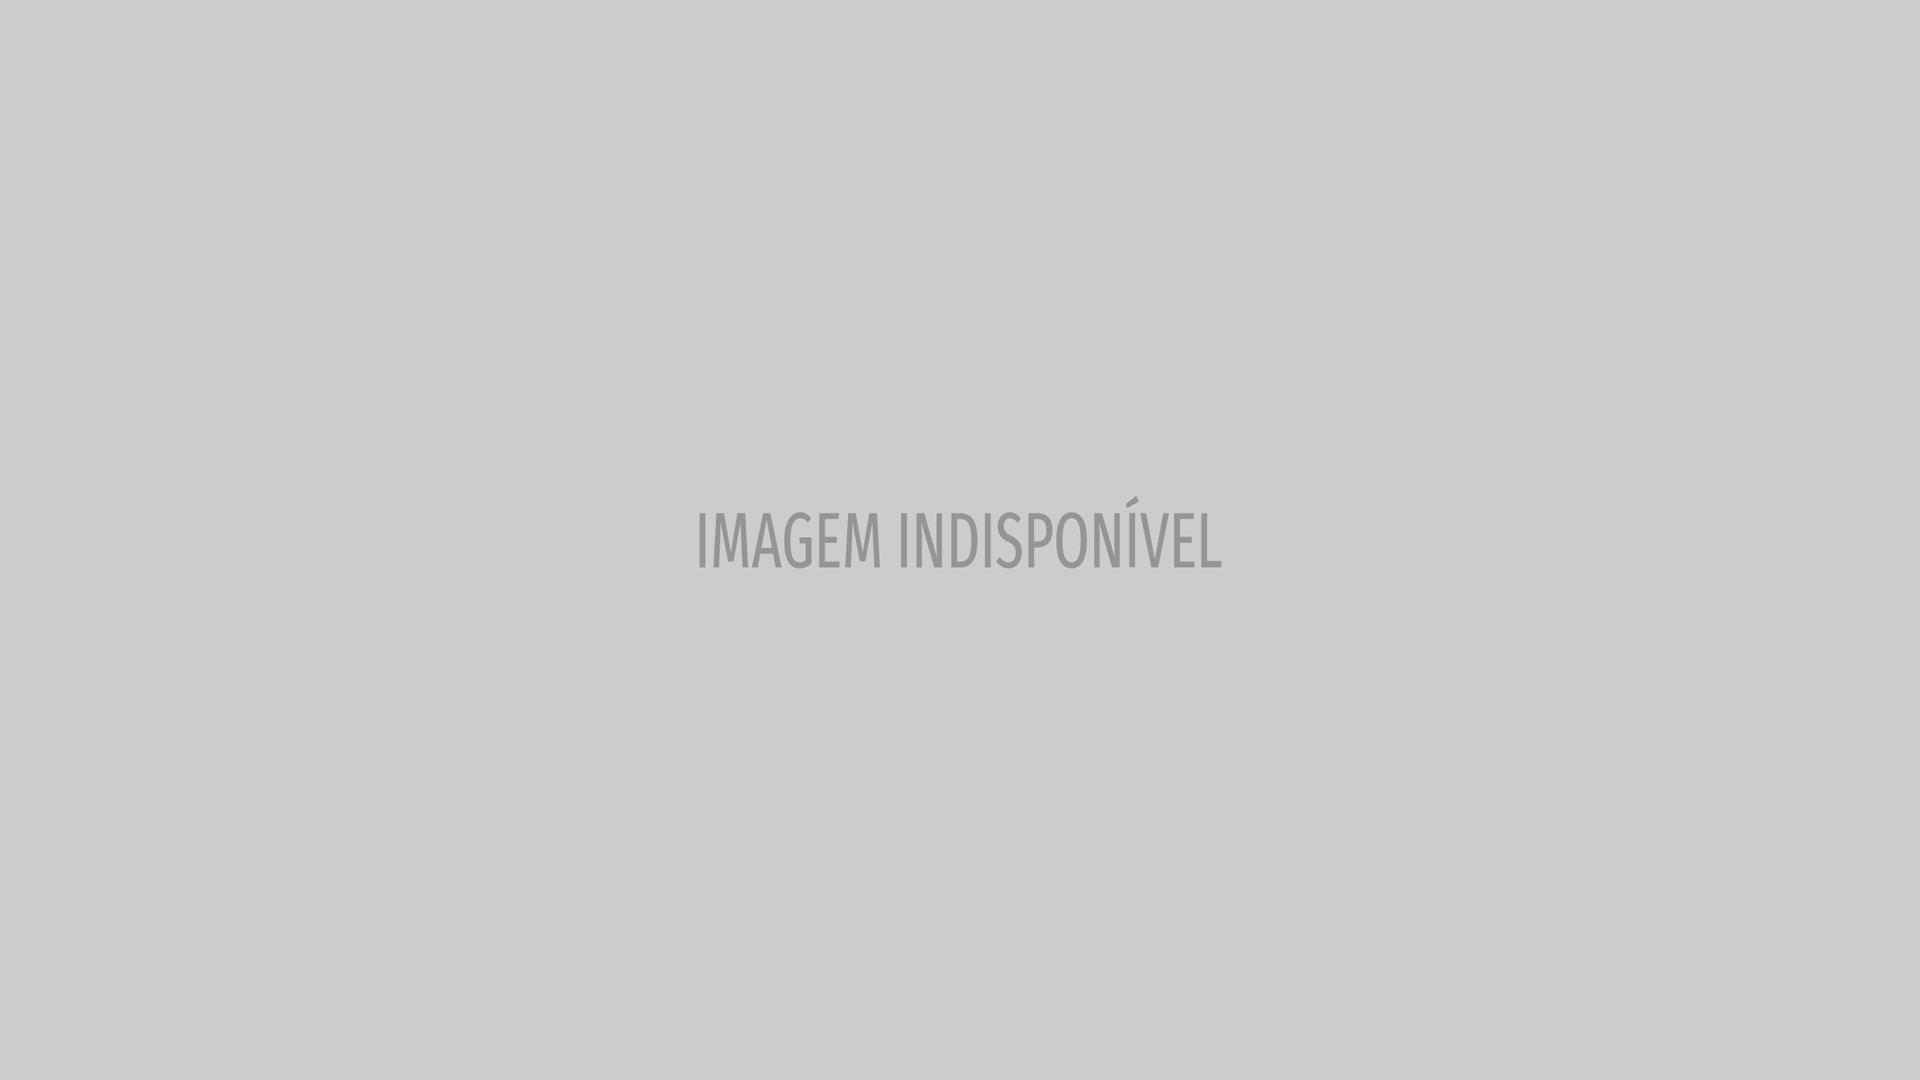 Mickael Carreira lança videoclipe com imagens únicas da filha Beatriz